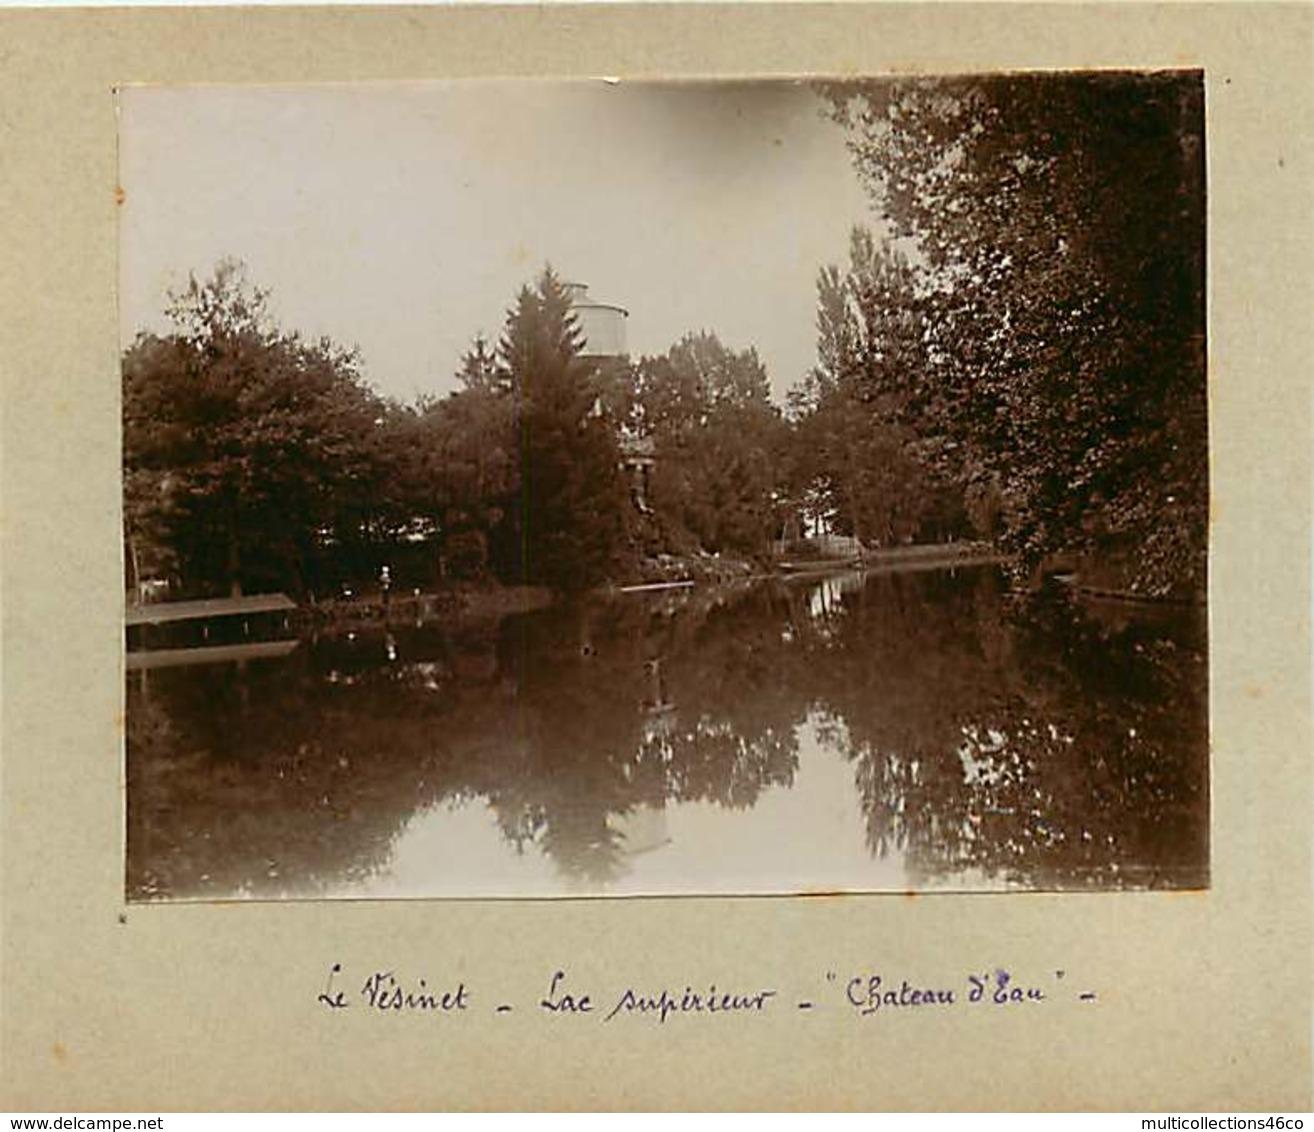 031019G - PHOTO 1900 - 78 LE VESINET Lac Supérieur Château D'eau - Le Vésinet